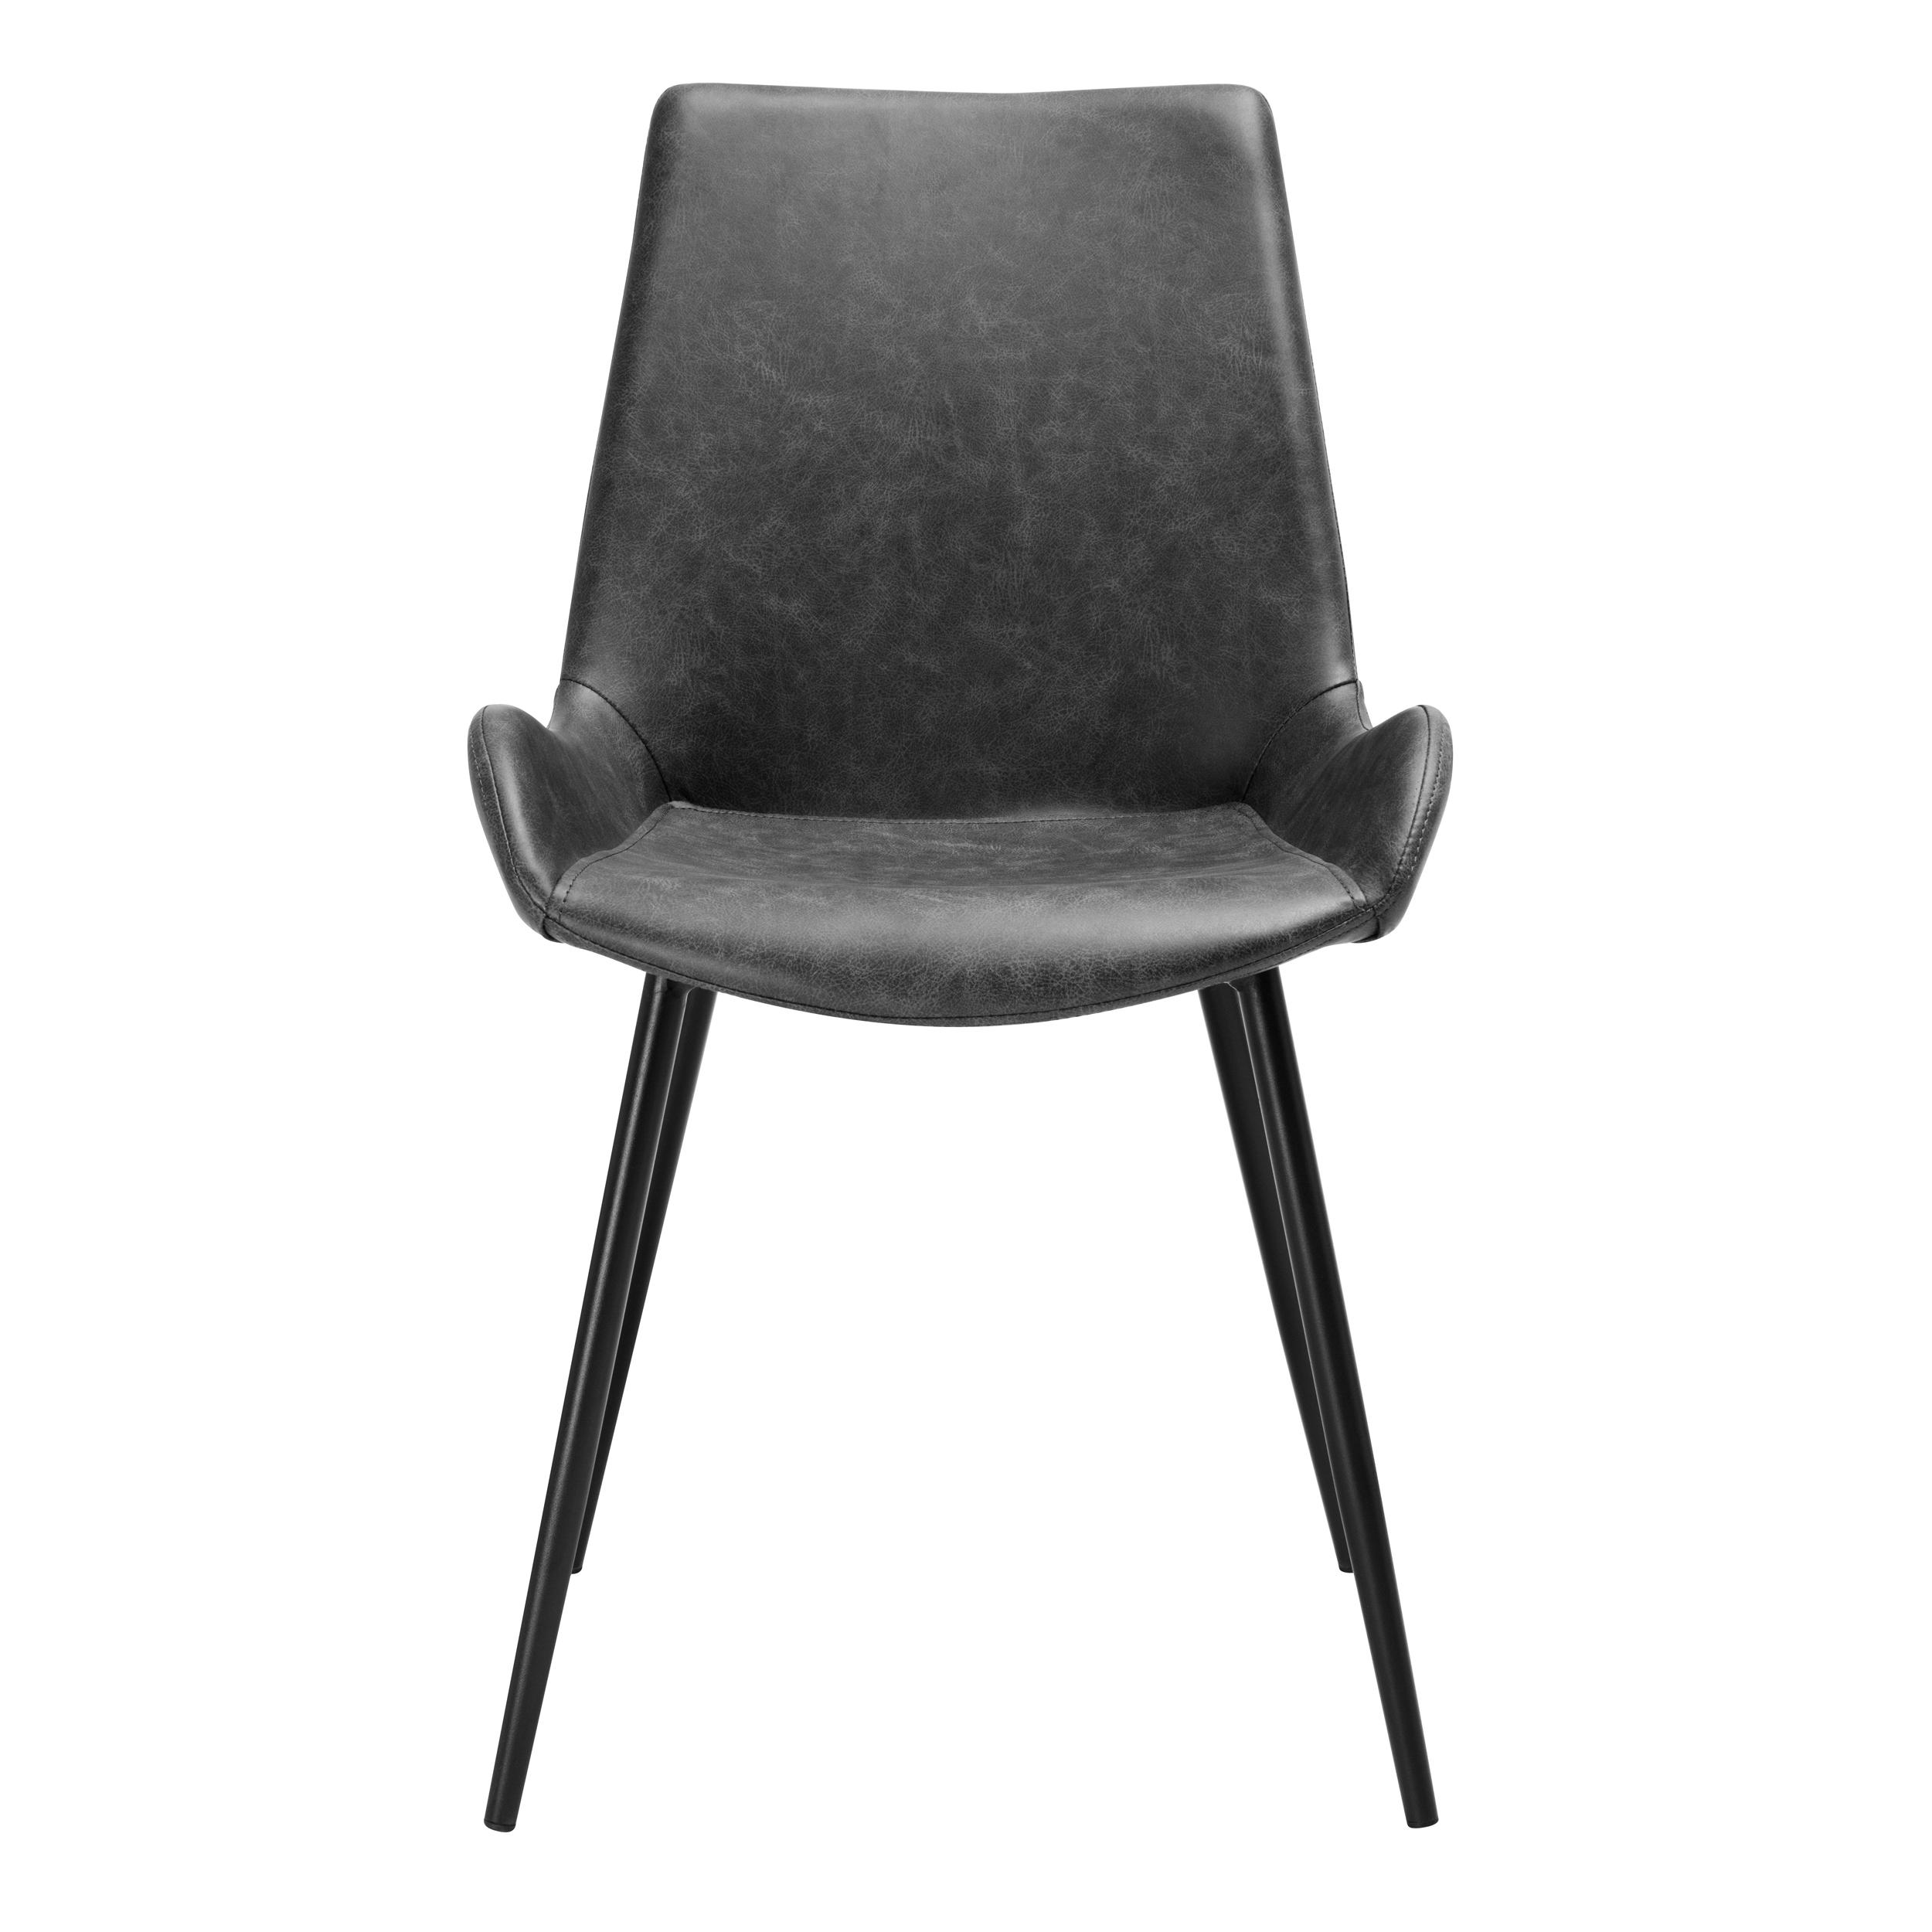 Chaise en cuir synthétique gris foncé (lot de 2)